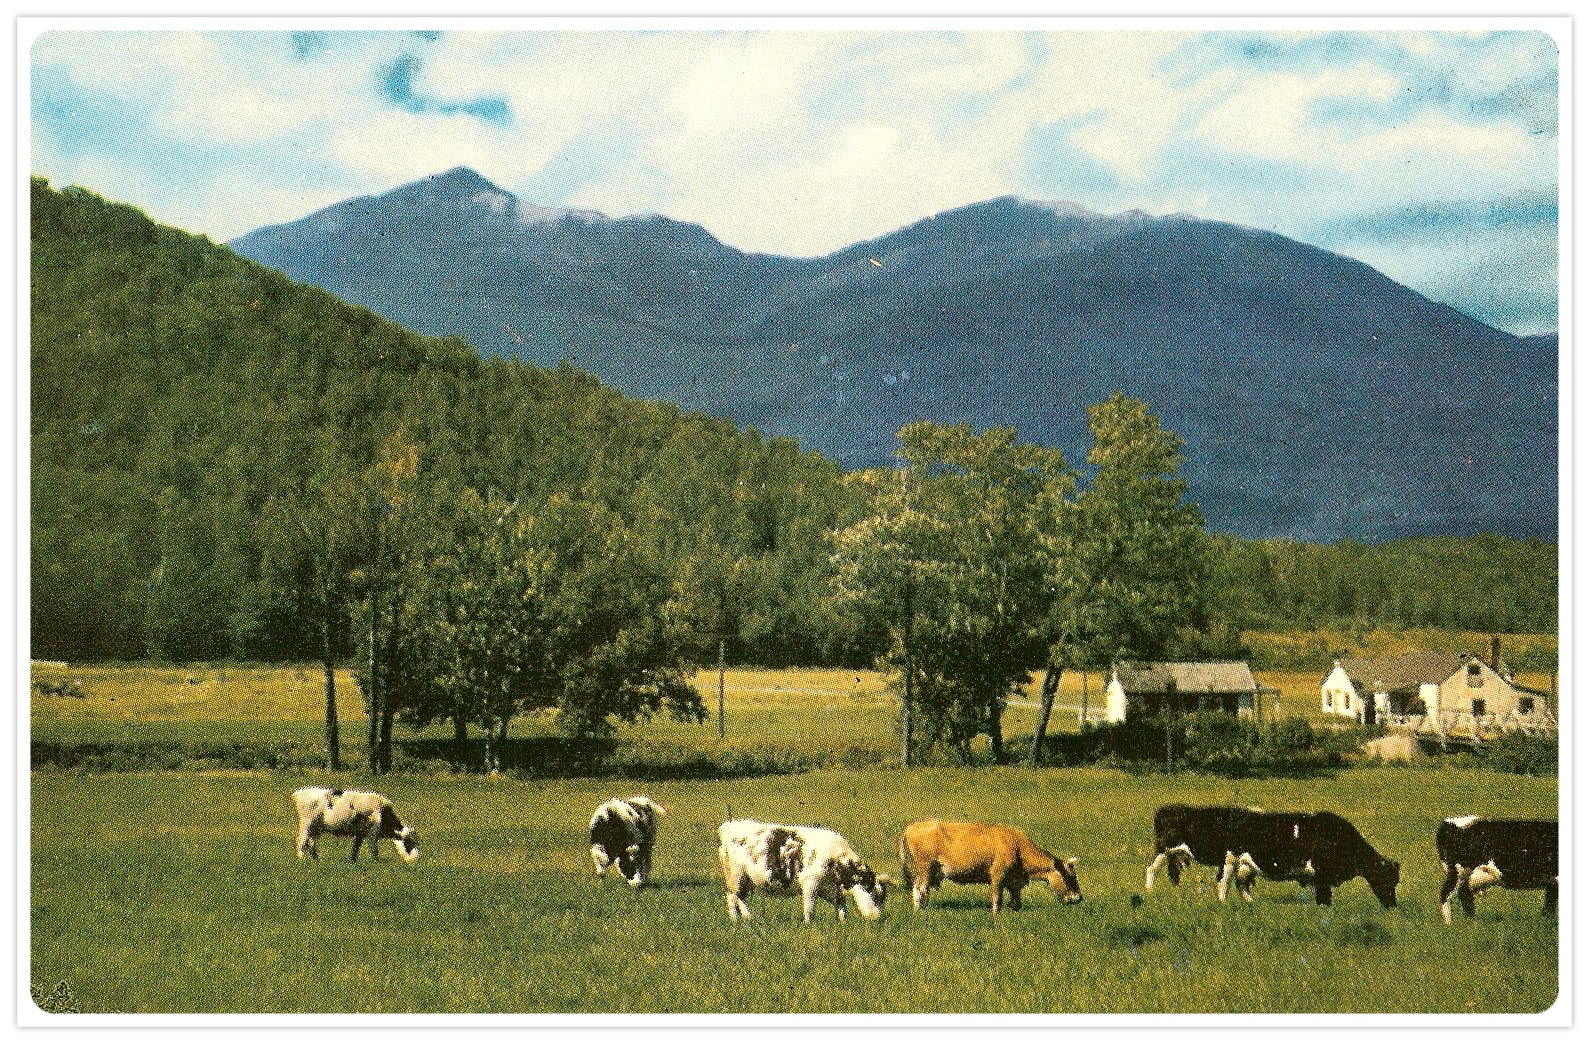 cow-scene-1_Fotor